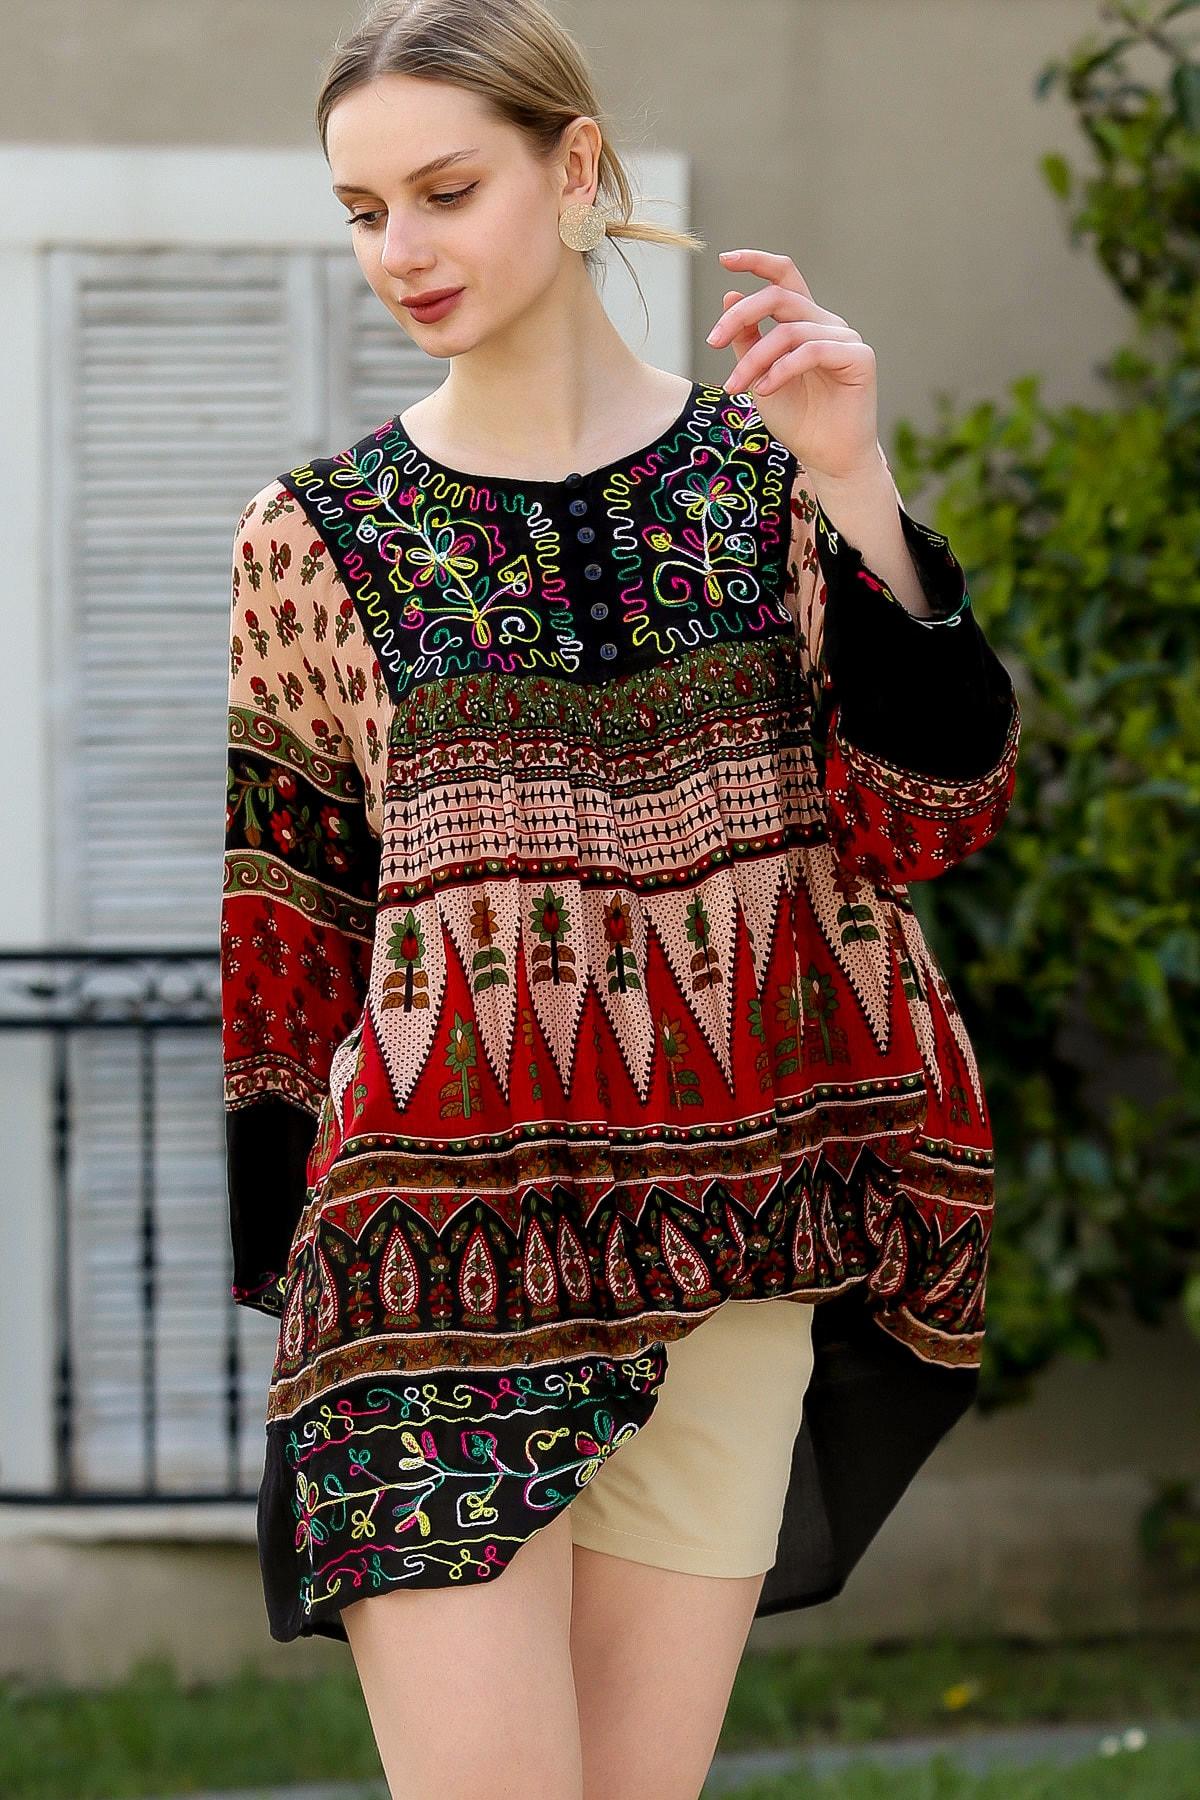 Chiccy Kadın Siyah-Bordo Robası Nakışlı Süs Düğmeli Hint İşi Dokuma Tunik  M10010500TN99620